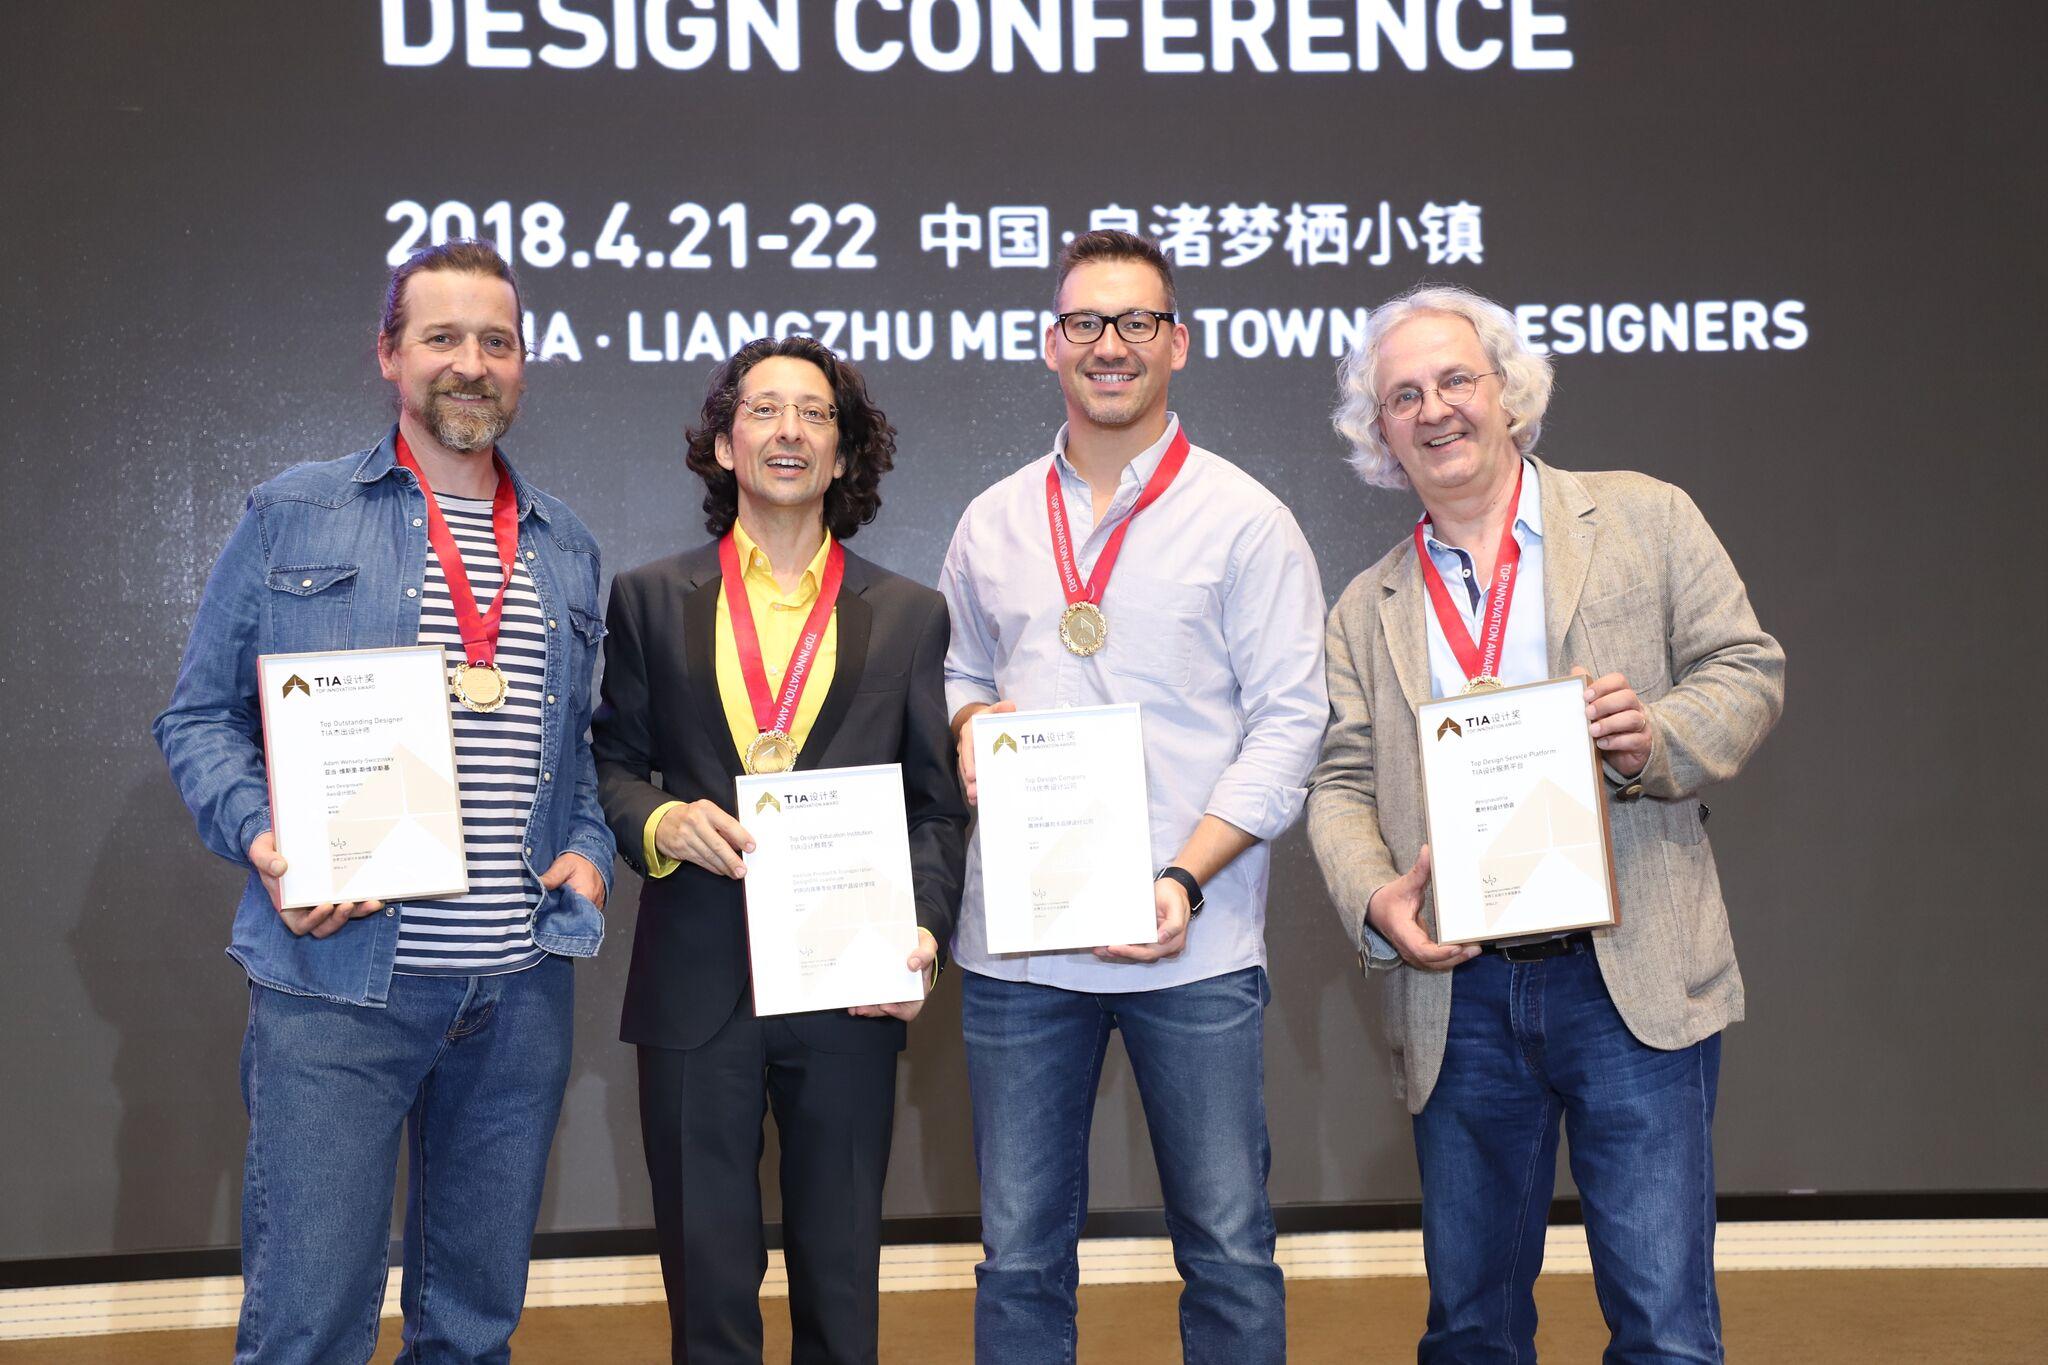 Die österreichischen Preisträger Adam Wehsely-Swiczinsky (aws Designteam), Miltos Oliver Kountouras (Institut Product & Transportation Design der FH JOANNEUM), Ferdinand Klauser (KISKA Shanghai) und Severin Filek (designaustria).